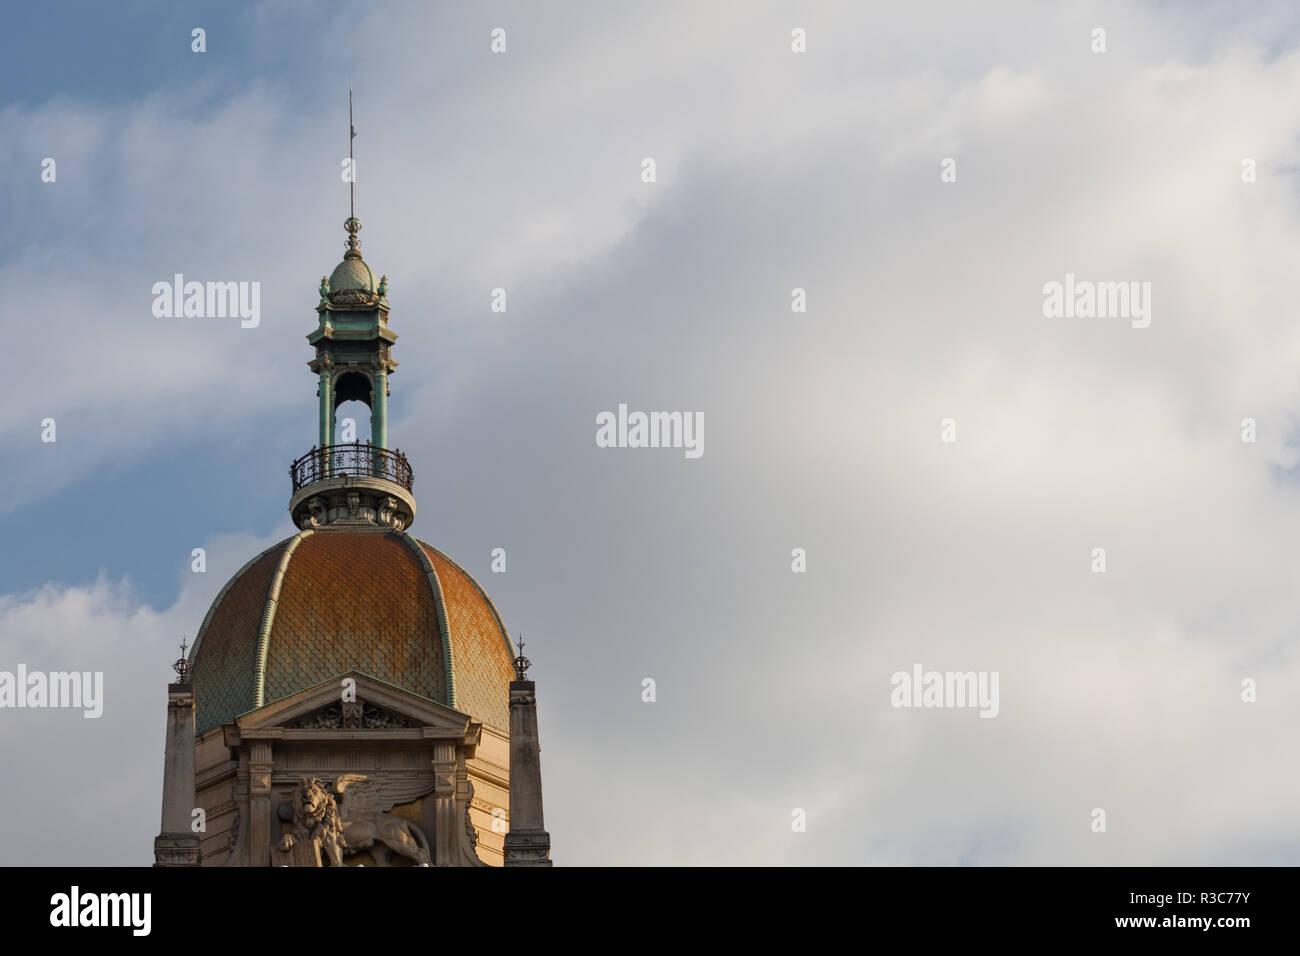 Milan, Italy - November, 2018: Palazzo delle Assicurazioni Generali - body copy Stock Photo